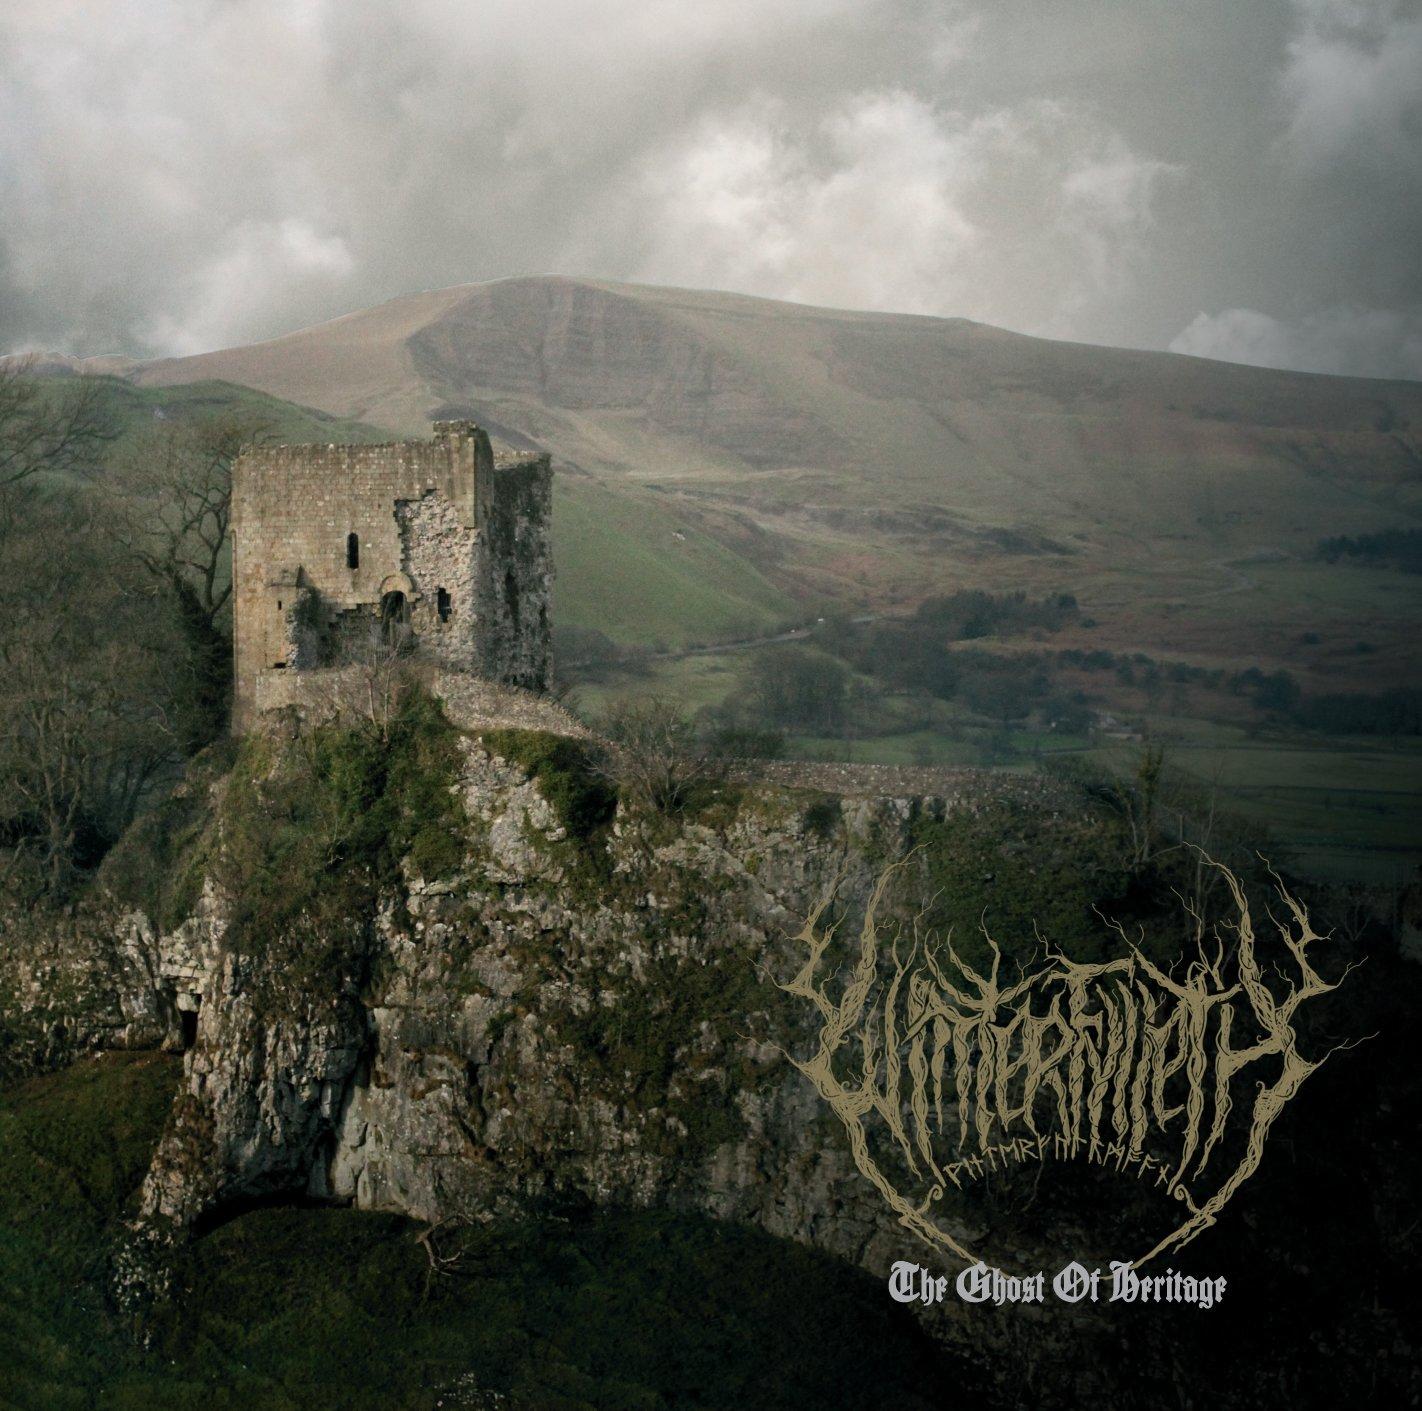 Winterfylleth - The Ghost Of Heritage (Bonus Track, Repackaged)